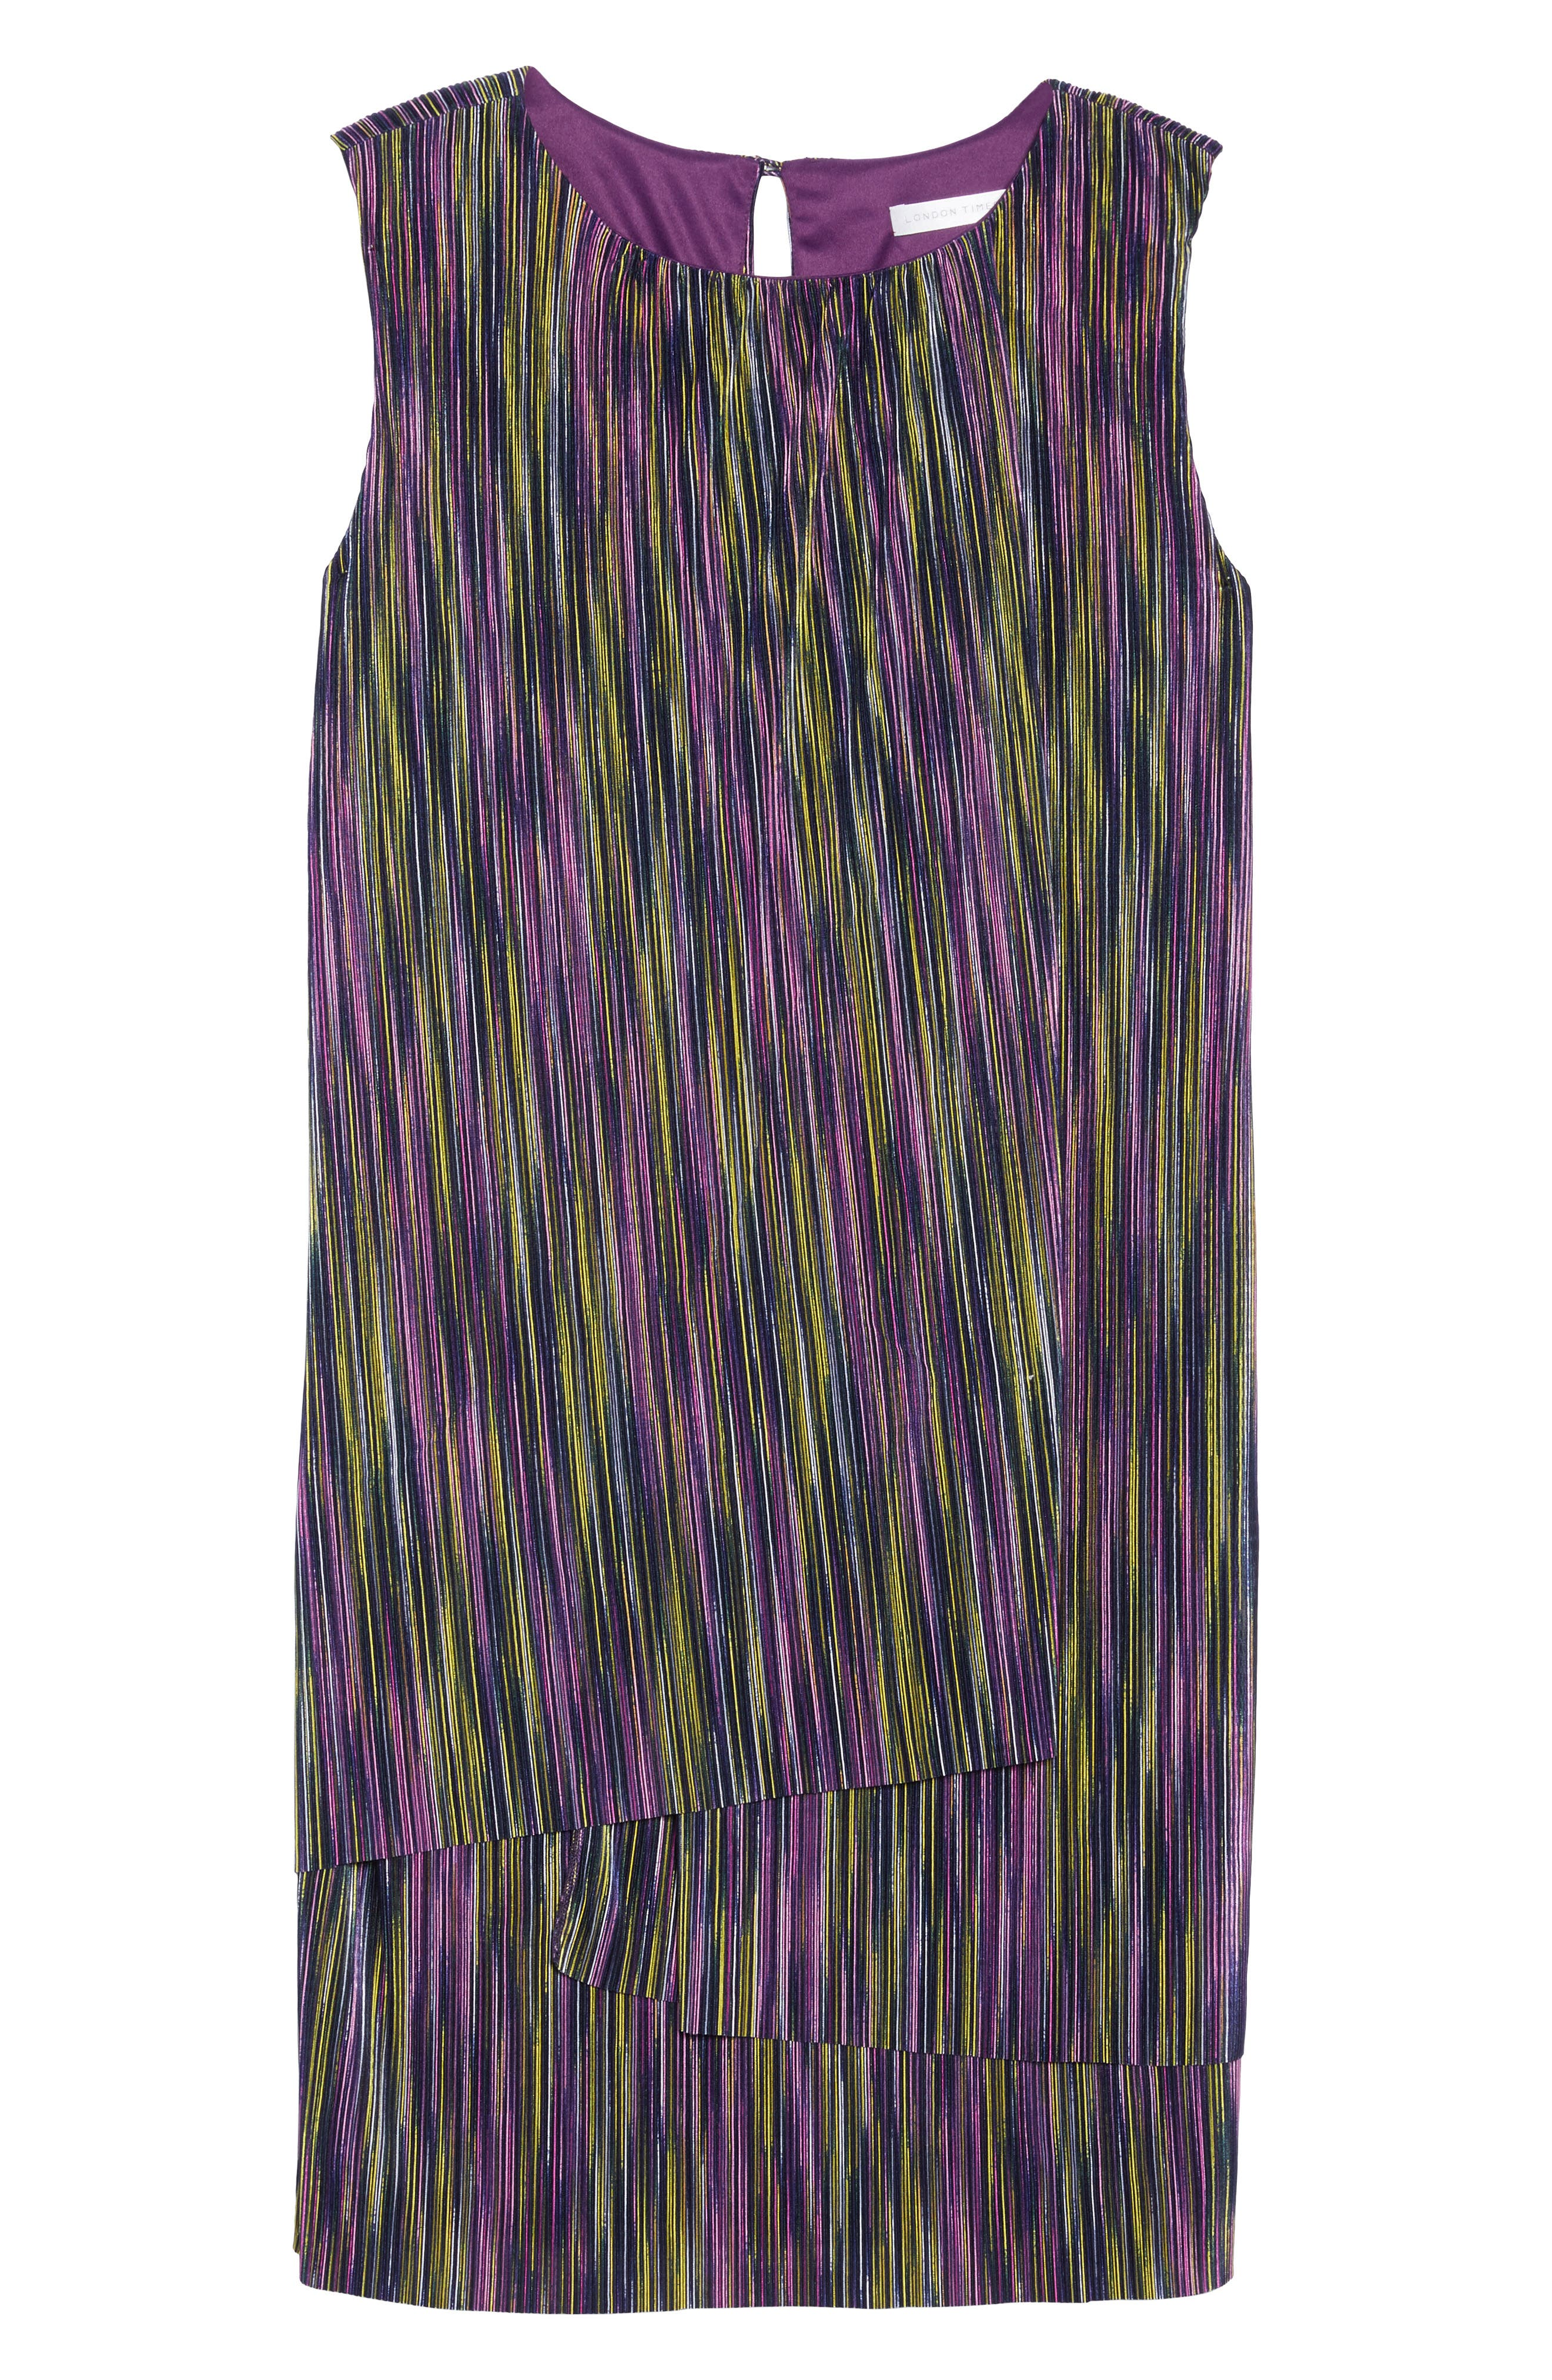 London Time Bodre Layered Dress,                             Alternate thumbnail 6, color,                             MULTI